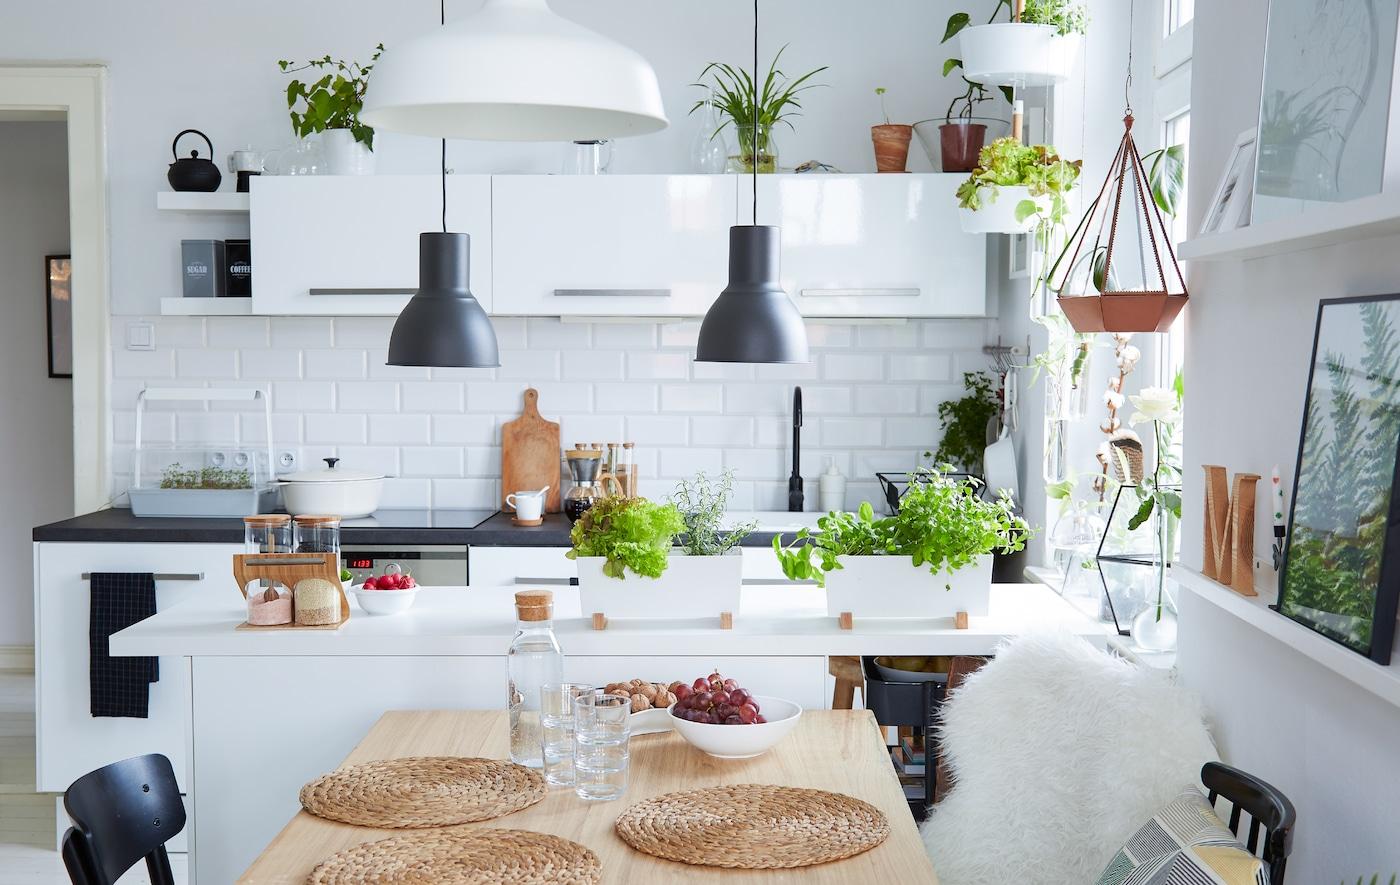 Offener Koch Ess Bereich Gemutlichkeit Pur Ikea Deutschland